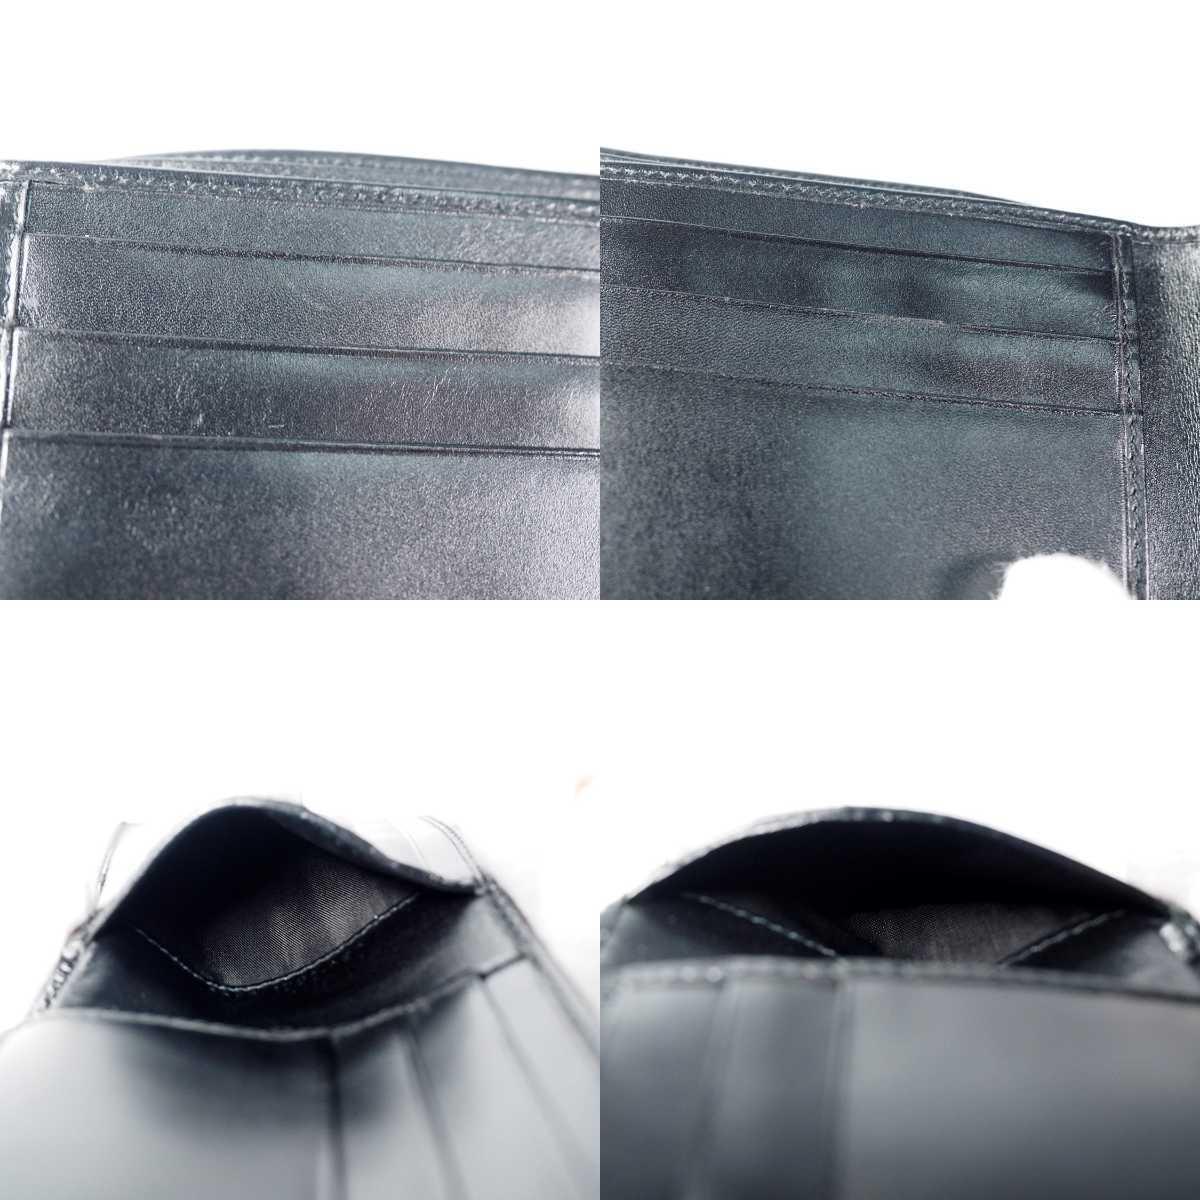 【未使用 送料無料】グッチ GG キャンバス 二つ折り財布 ブラック GUCCI 小銭入れ  財布 526_画像7